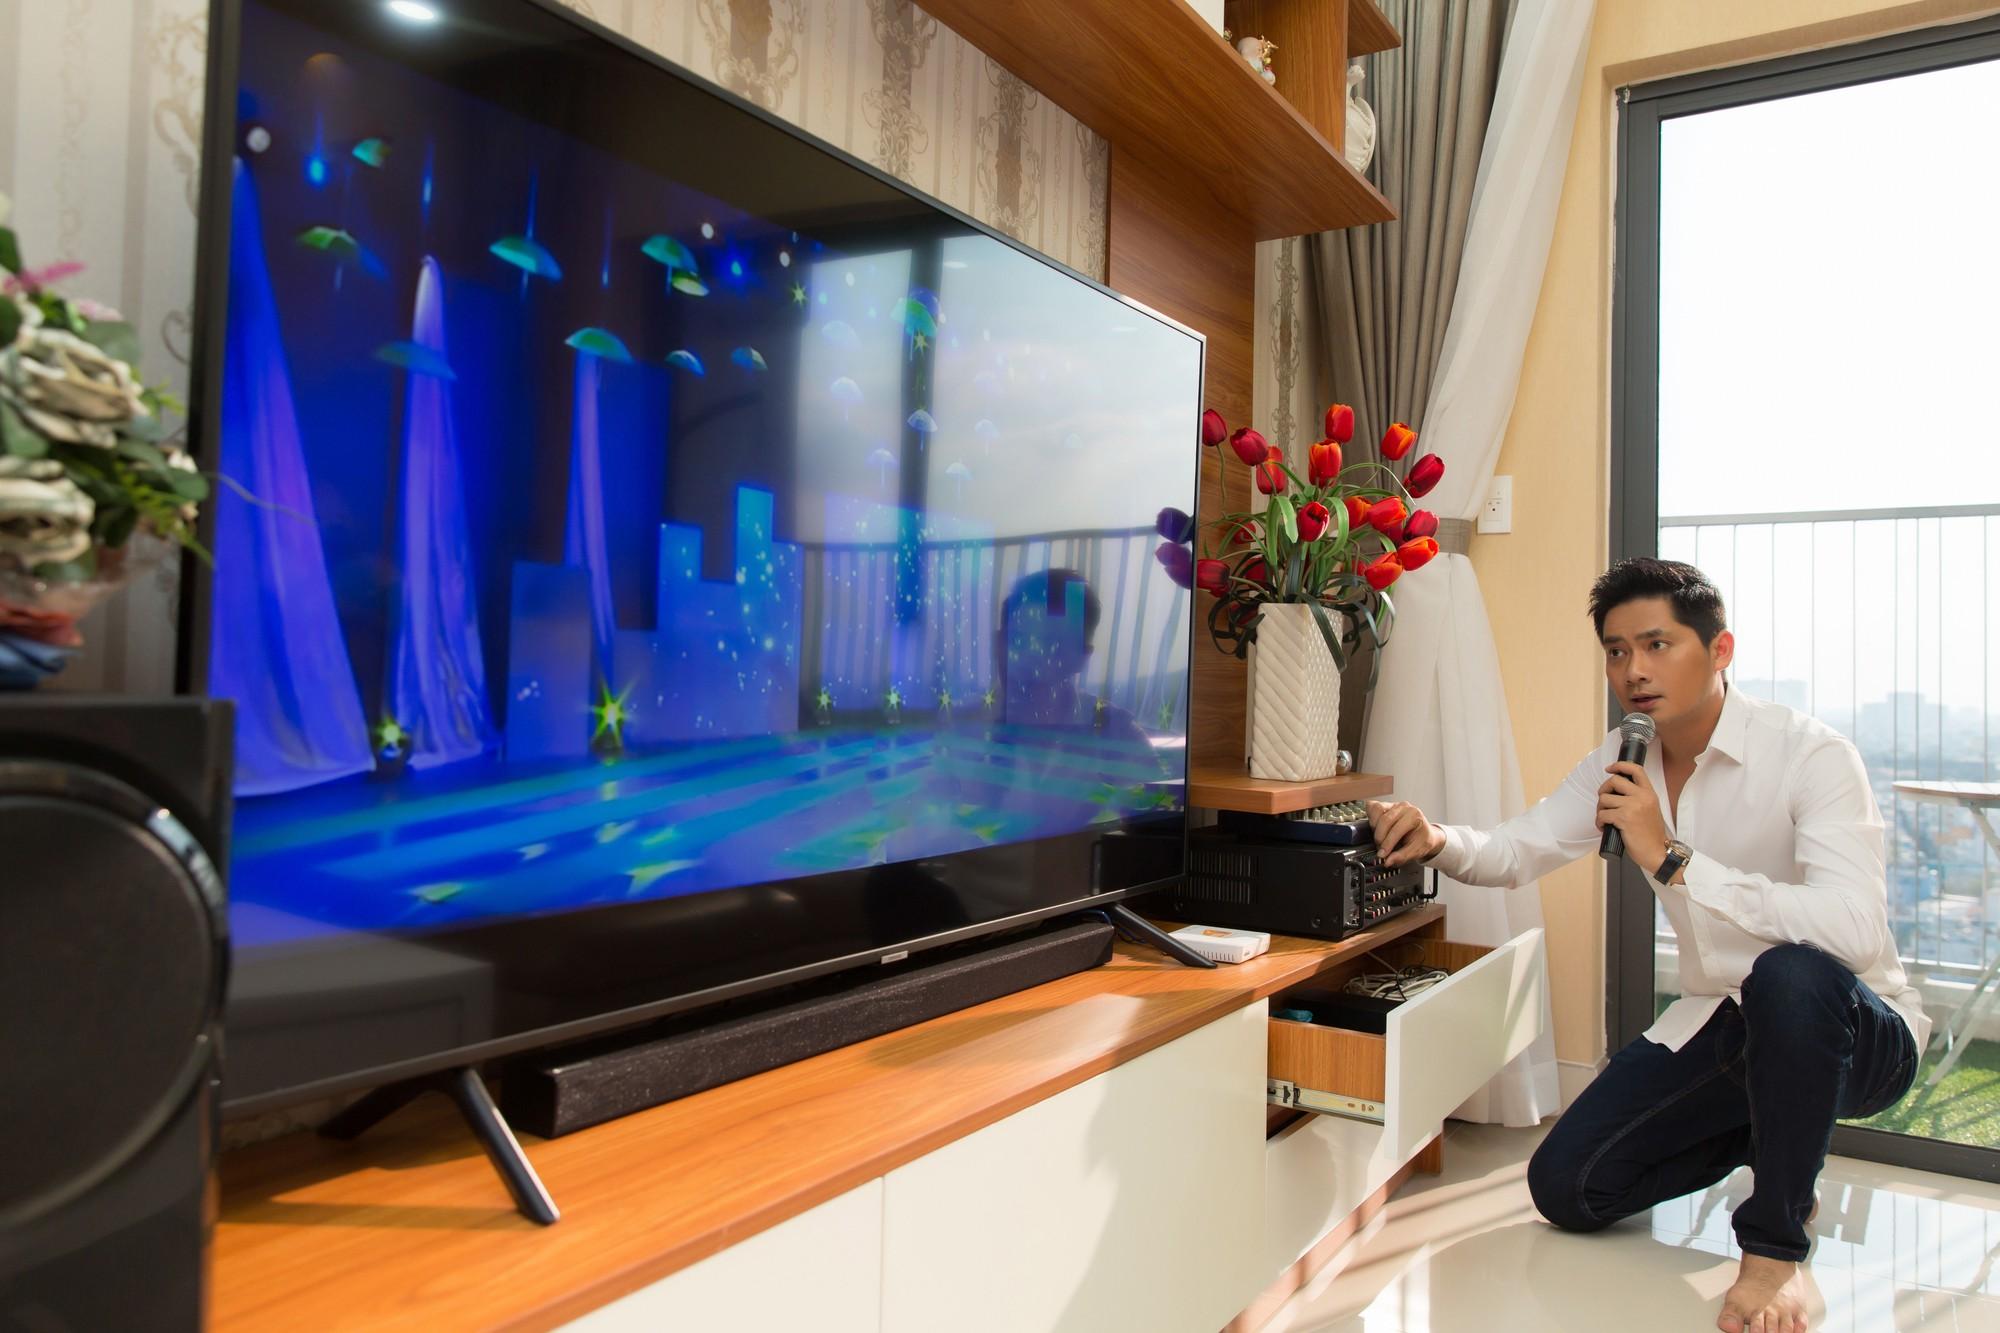 Diễn viên Minh Luân tự hào khoe căn hộ rộng 100 m2 sau 10 năm lập nghiệp ở TP HCM  - Ảnh 10.